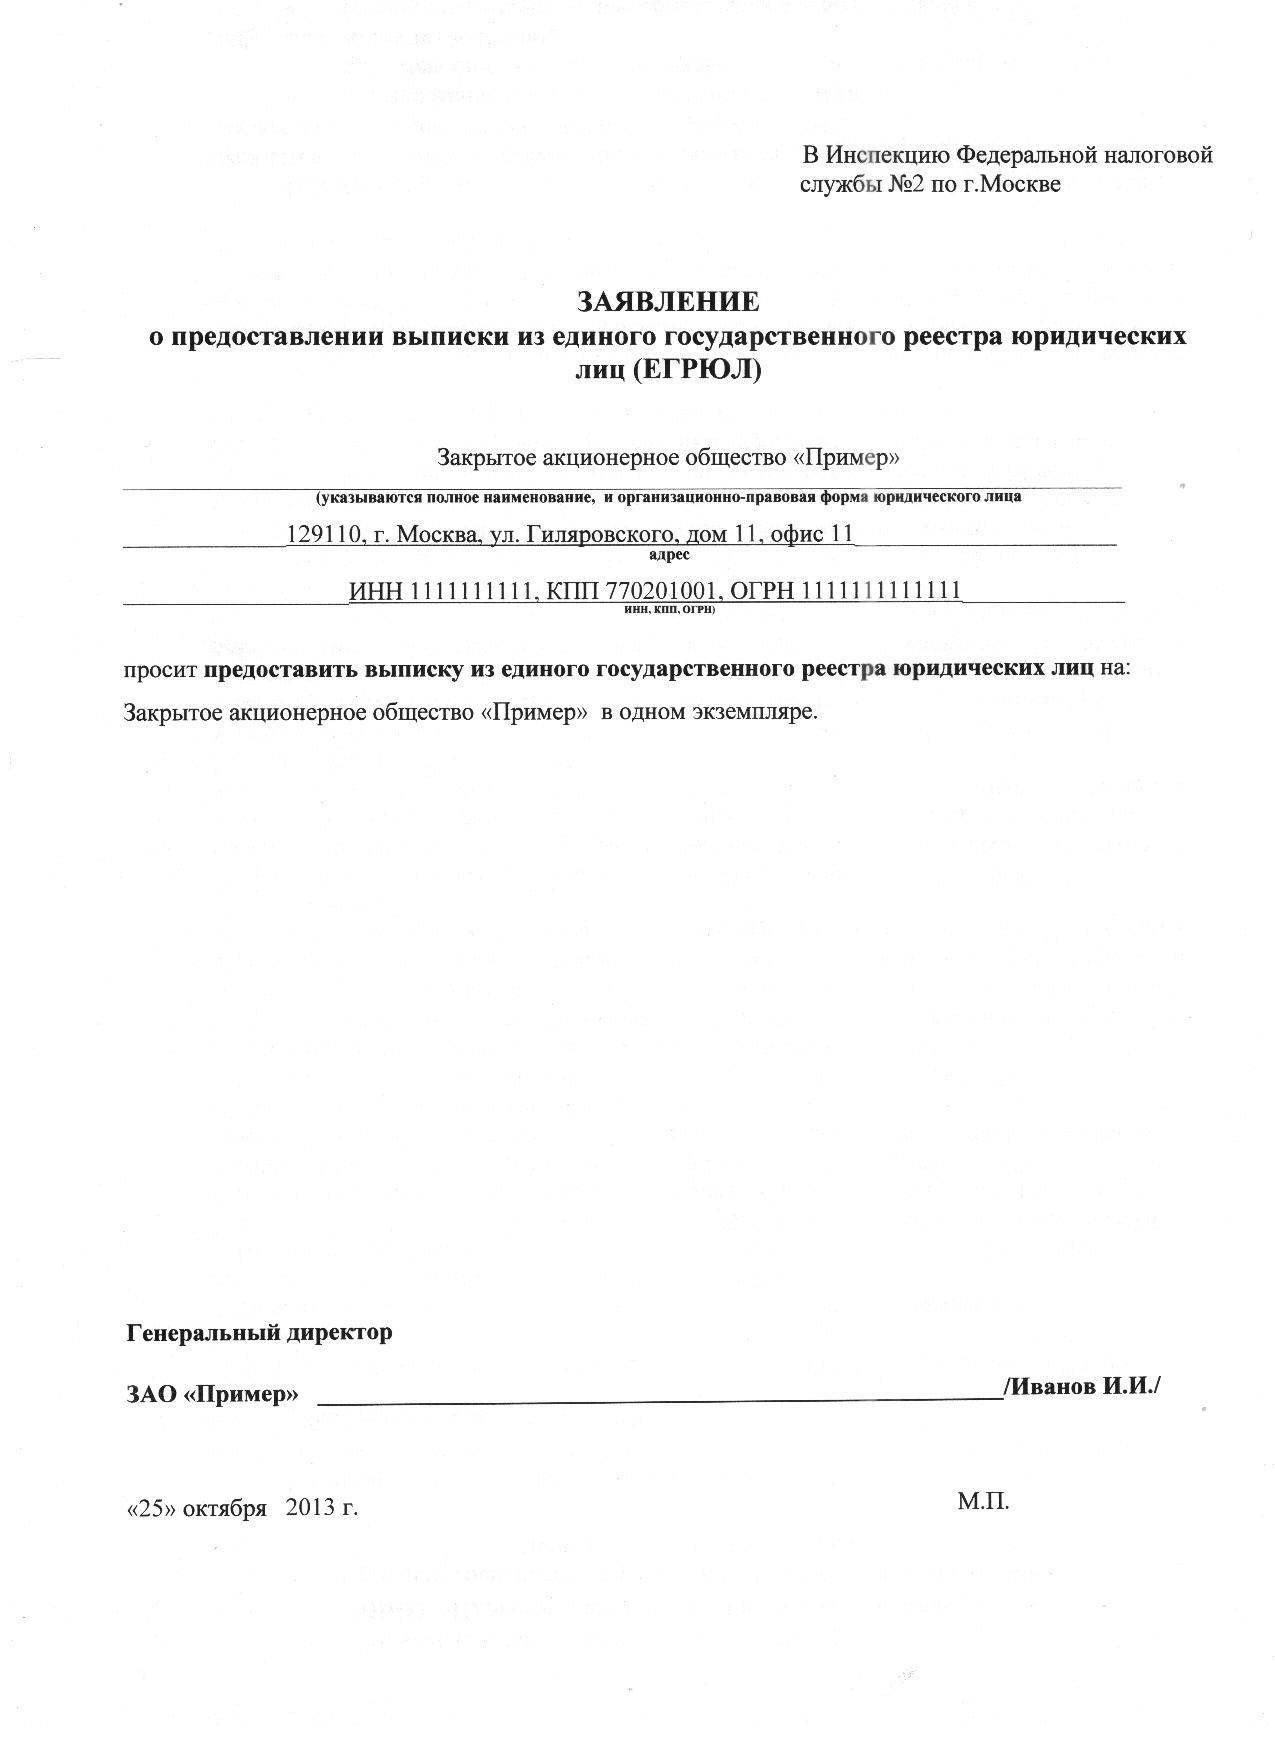 заявление на выписка из егрип образец